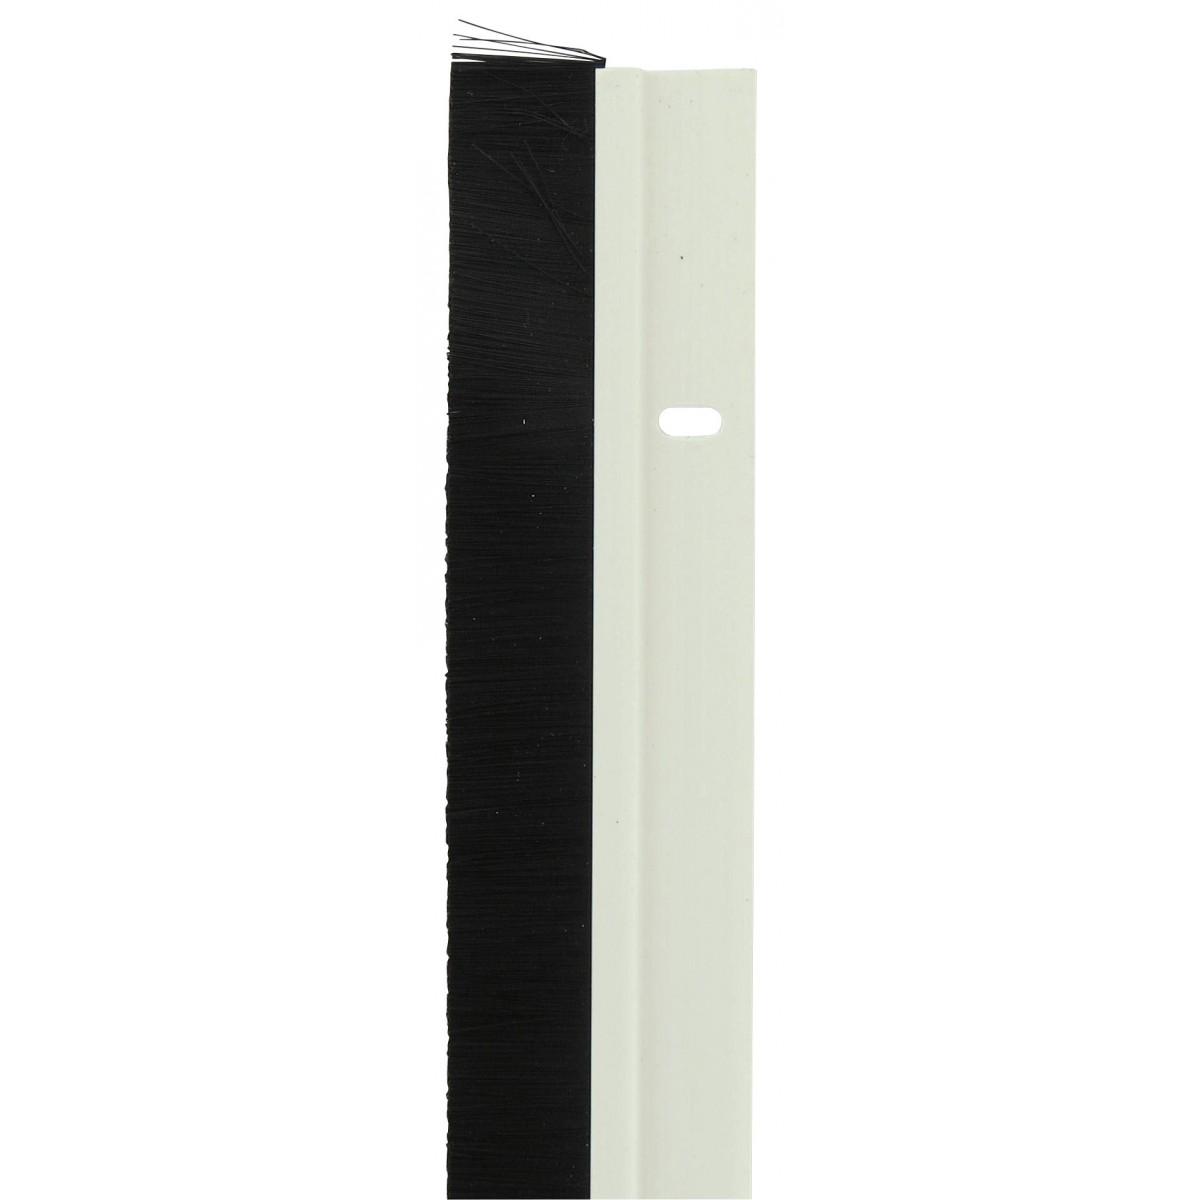 Bas de porte brosse PVM - Blanc